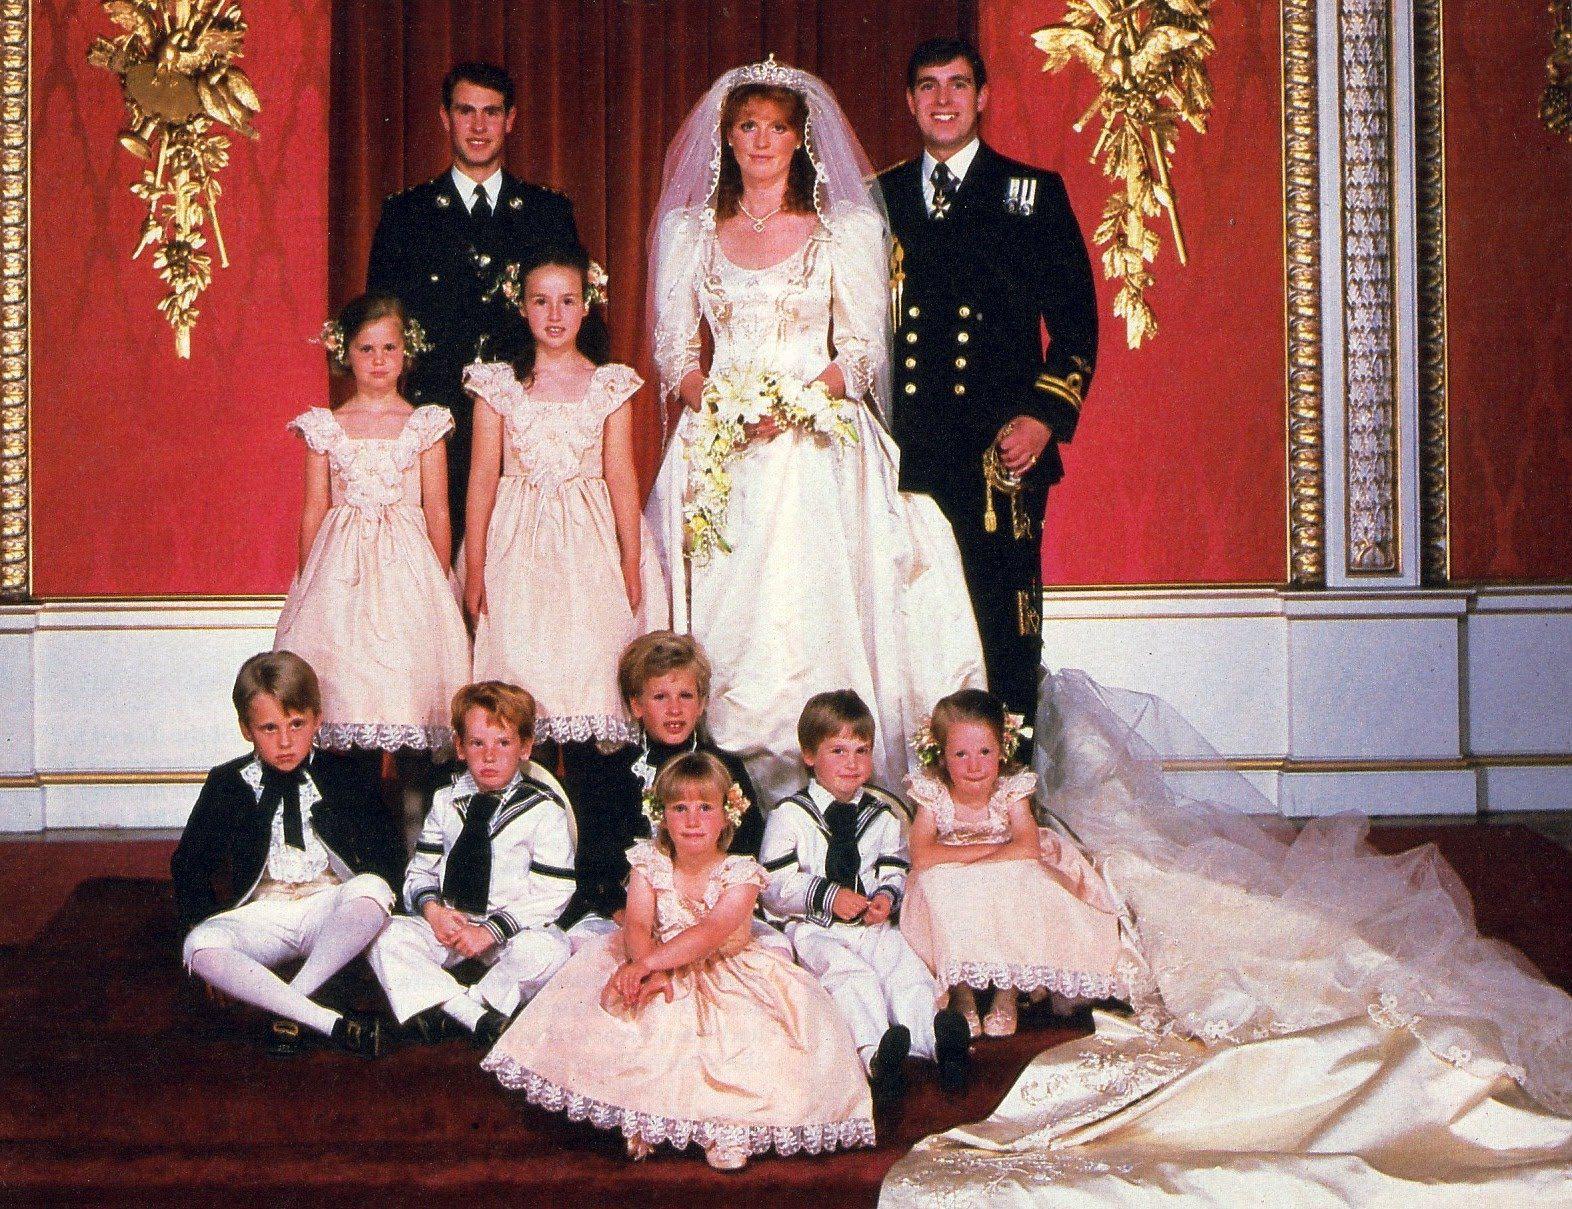 Những đám cưới đẹp như cổ tích trong lịch sử 100 năm hoàng gia Anh - Ảnh 20.